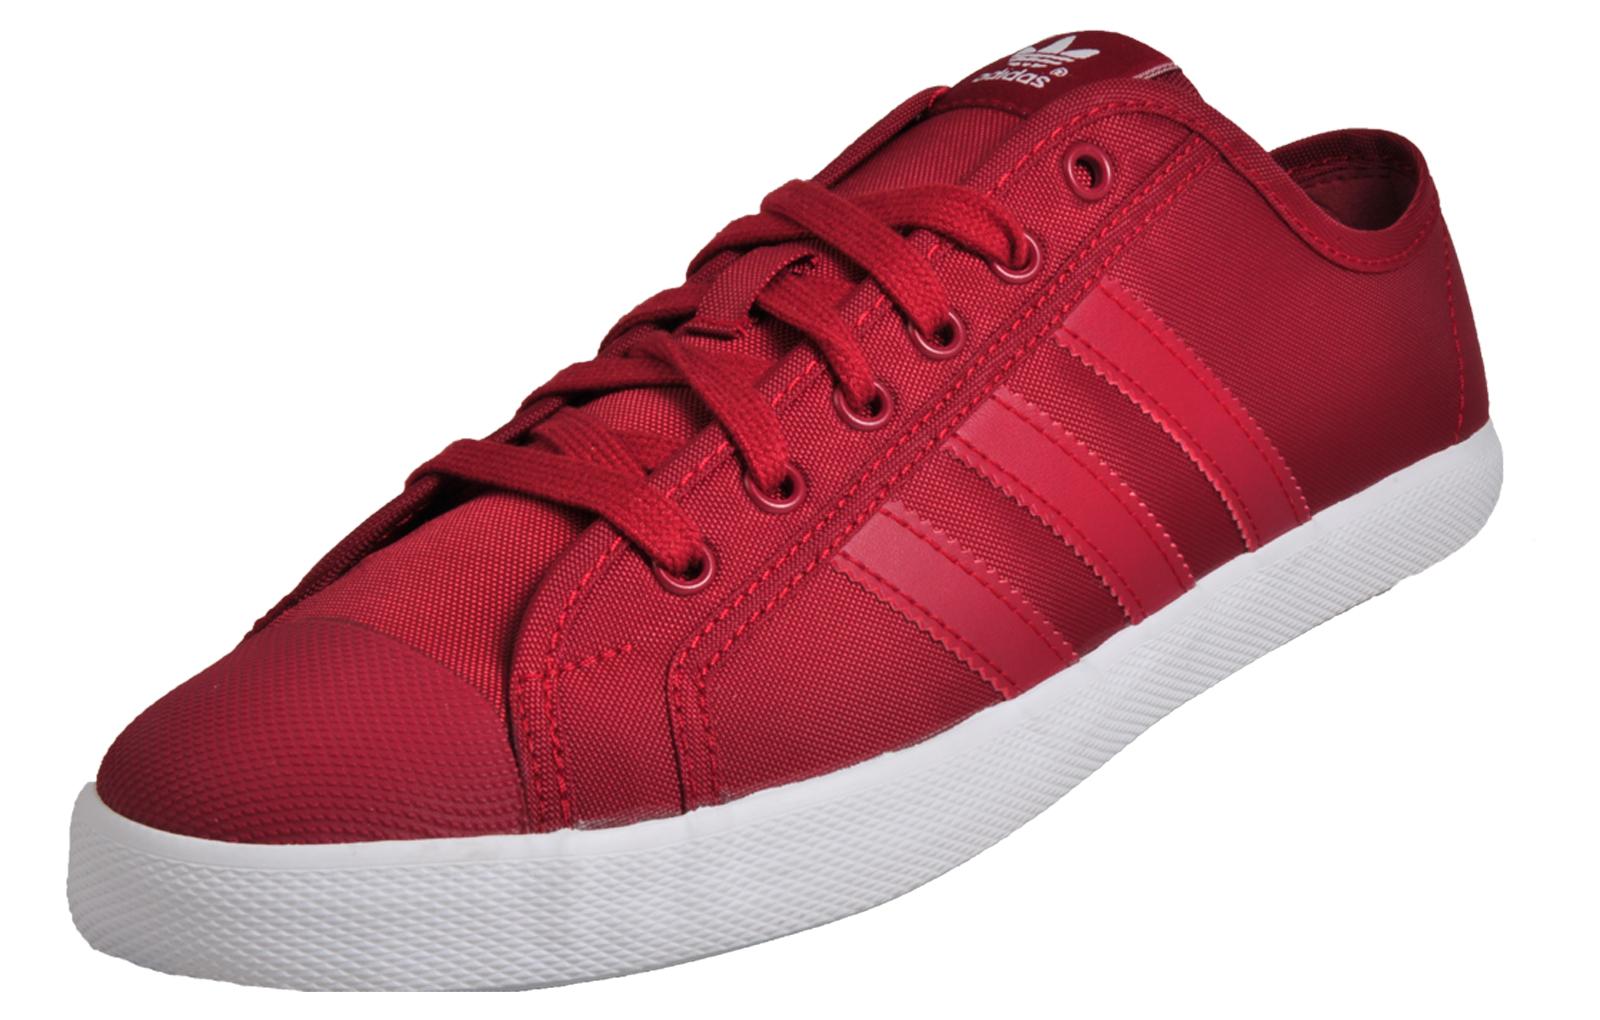 6d04667e467c Adidas Originals San Remo Mens - AD171876. alternate view 2 · alternate  view 1